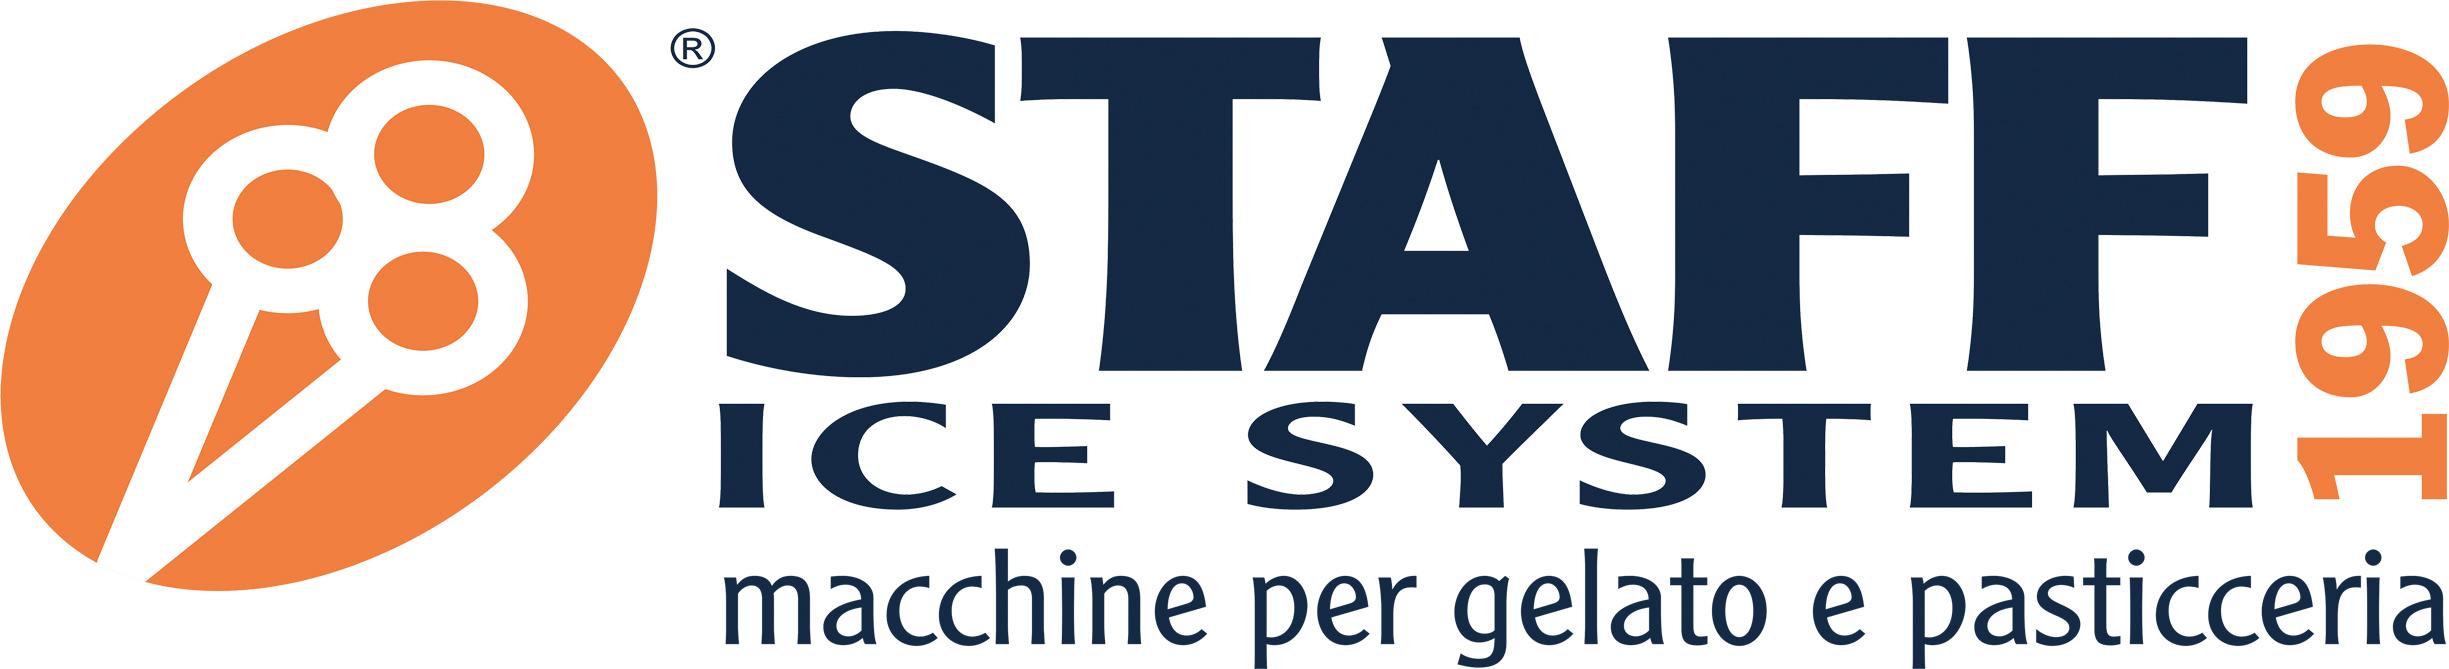 logo-jpg.jpg